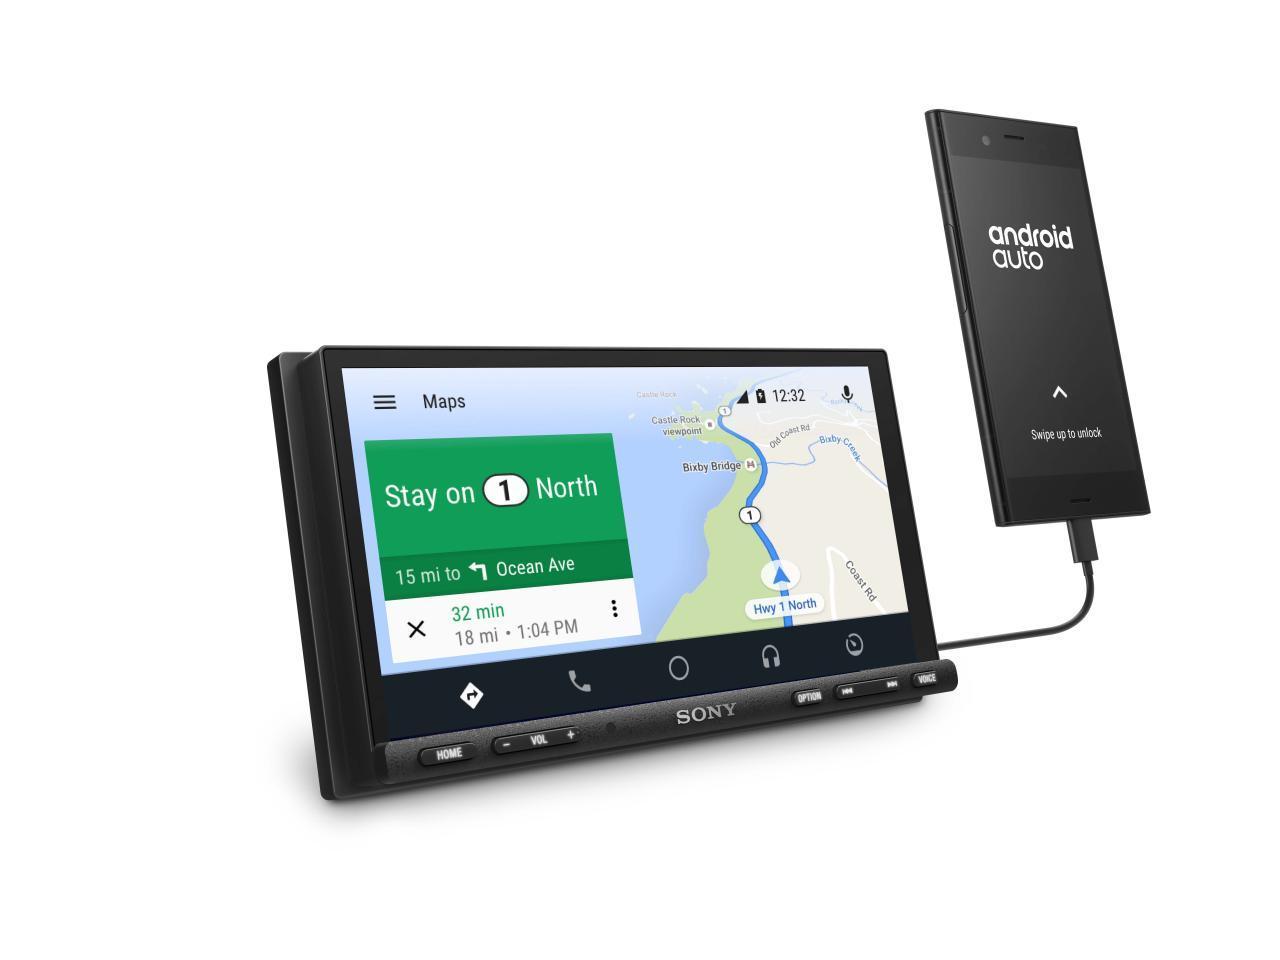 Sony XAV-AX7000 car receiver flaunts a fancier, more